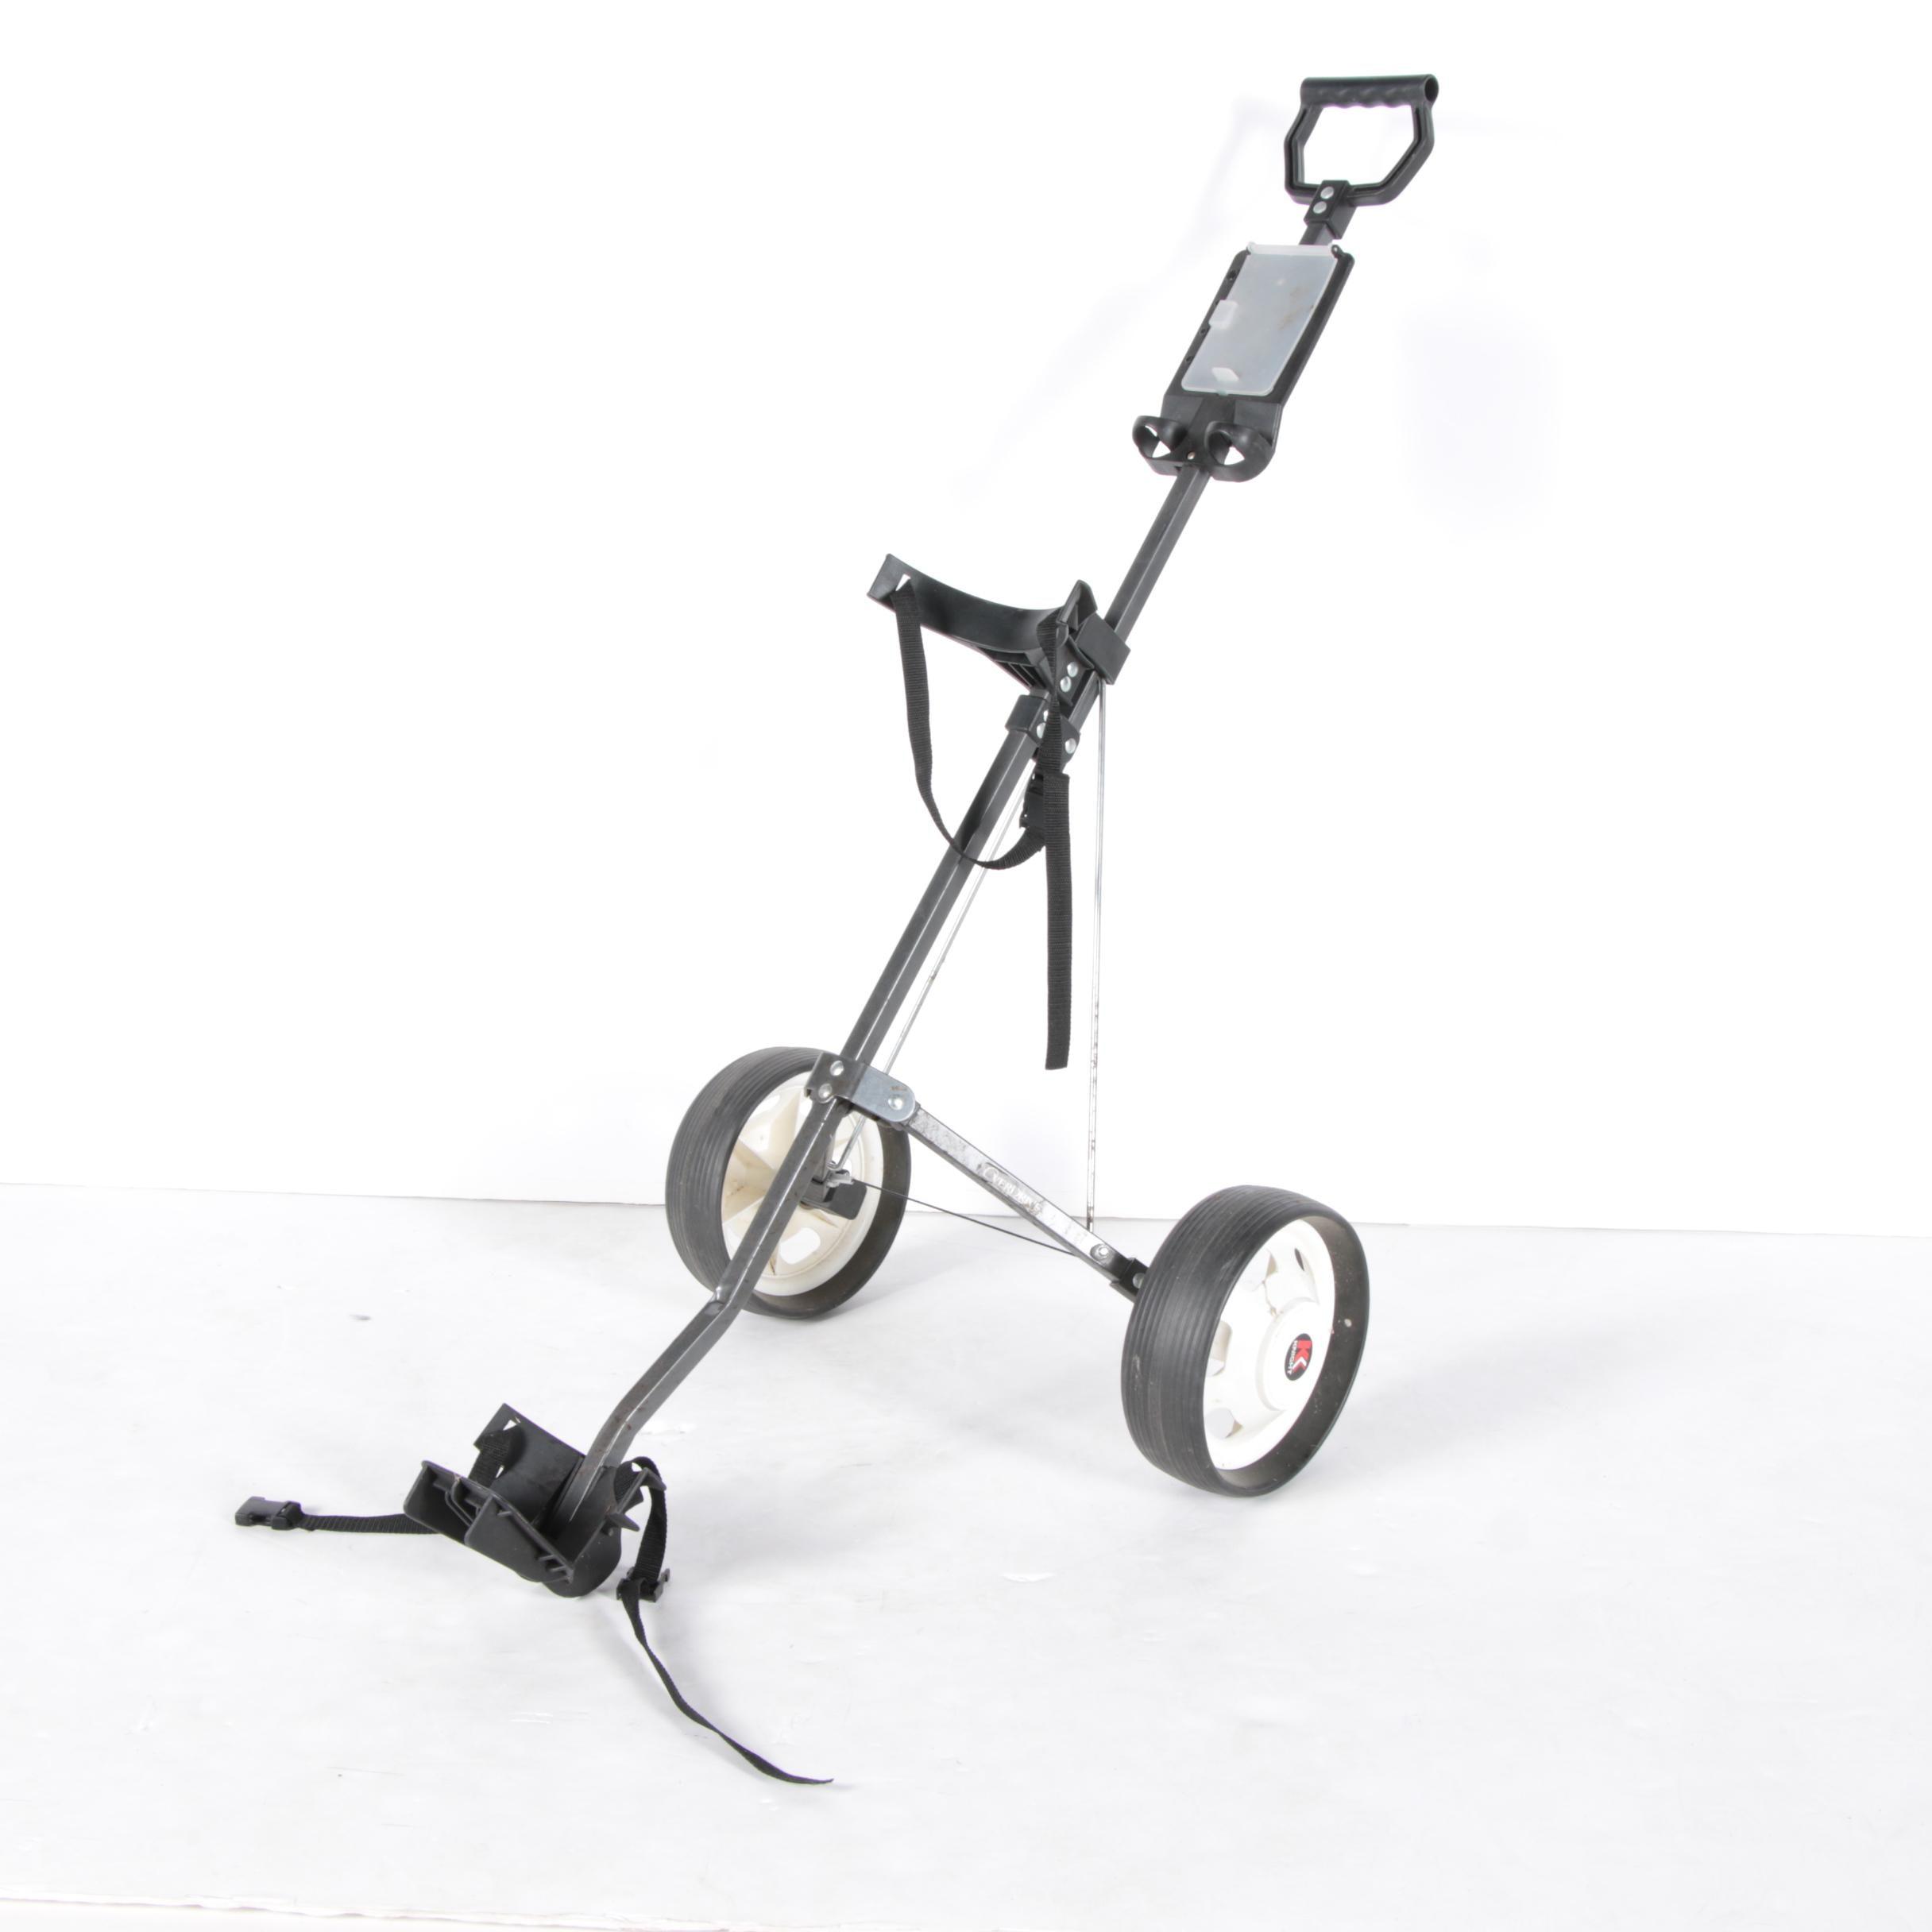 Knight OverDrive Golf Cart